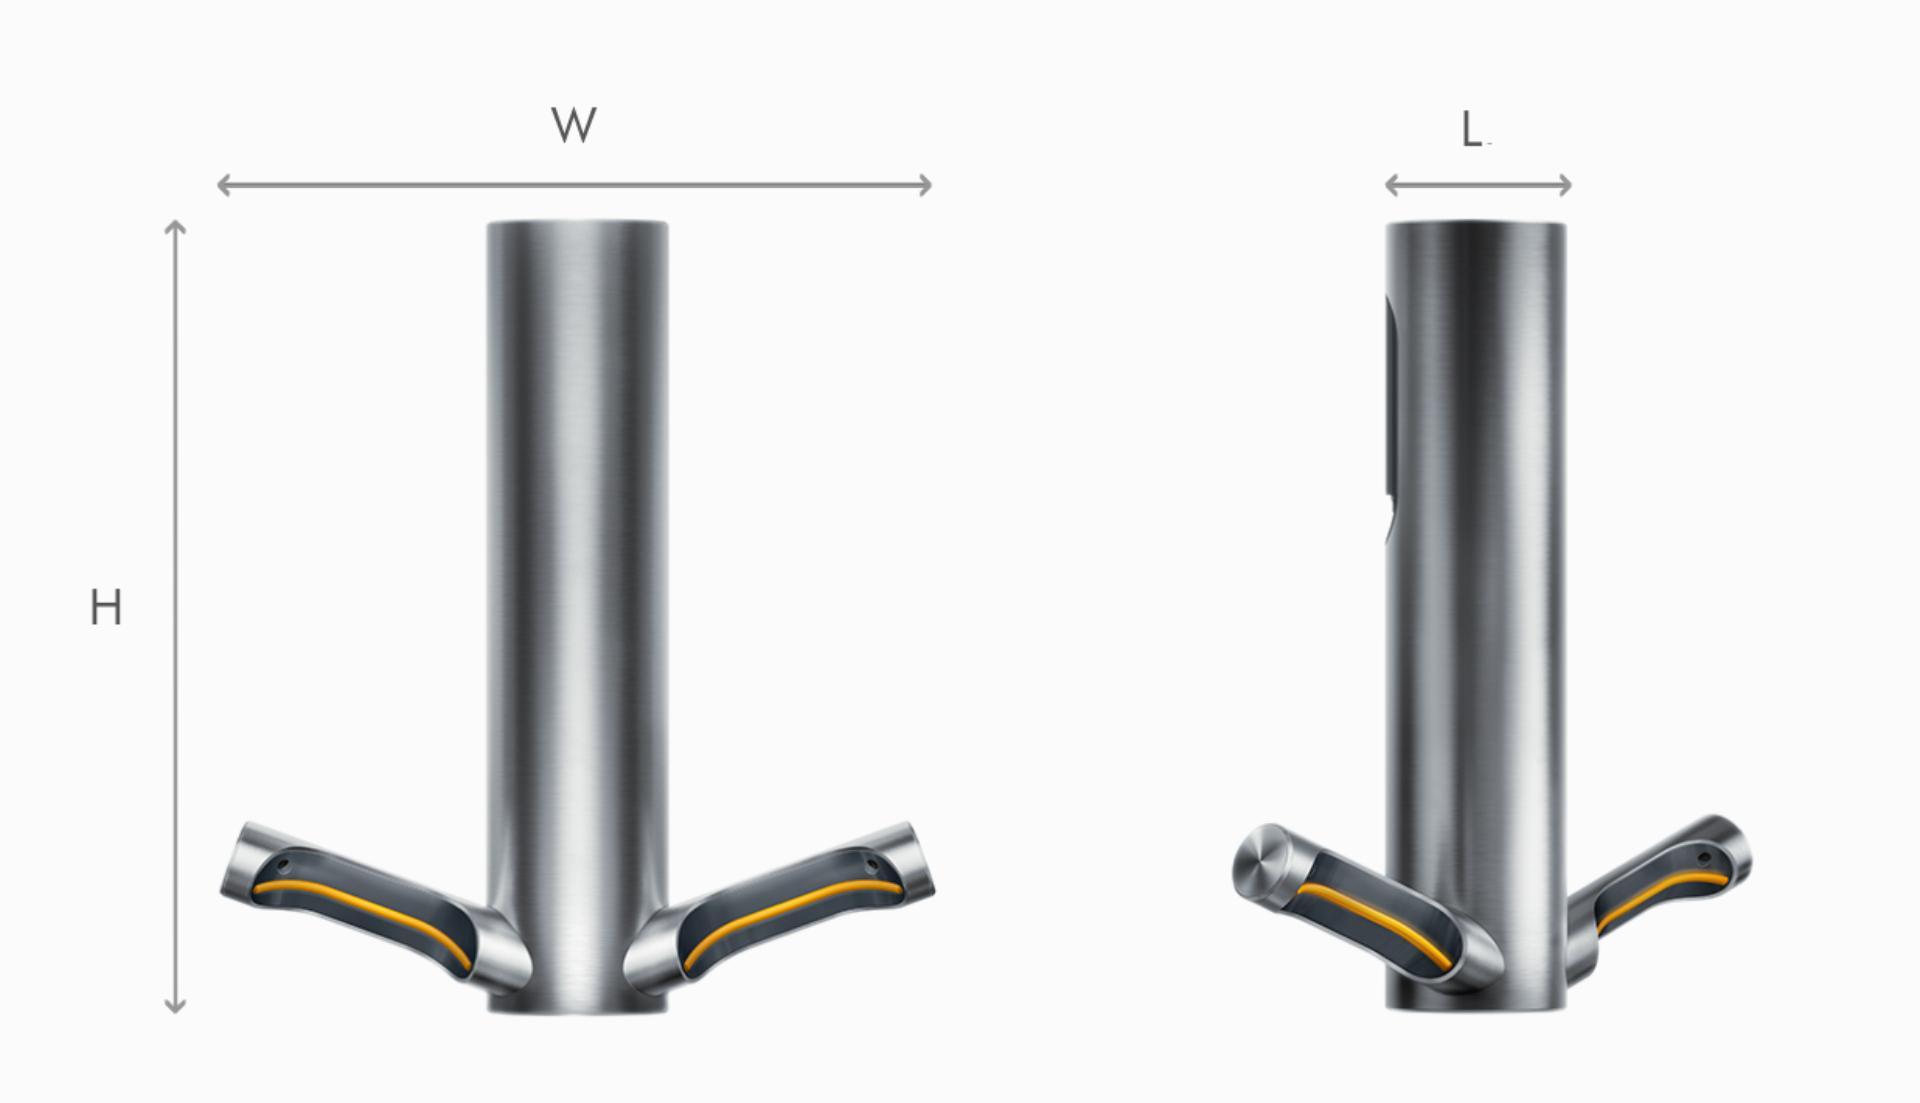 Dyson Airblade 9kJ el kurutma makinesi boyutlarının çizimi